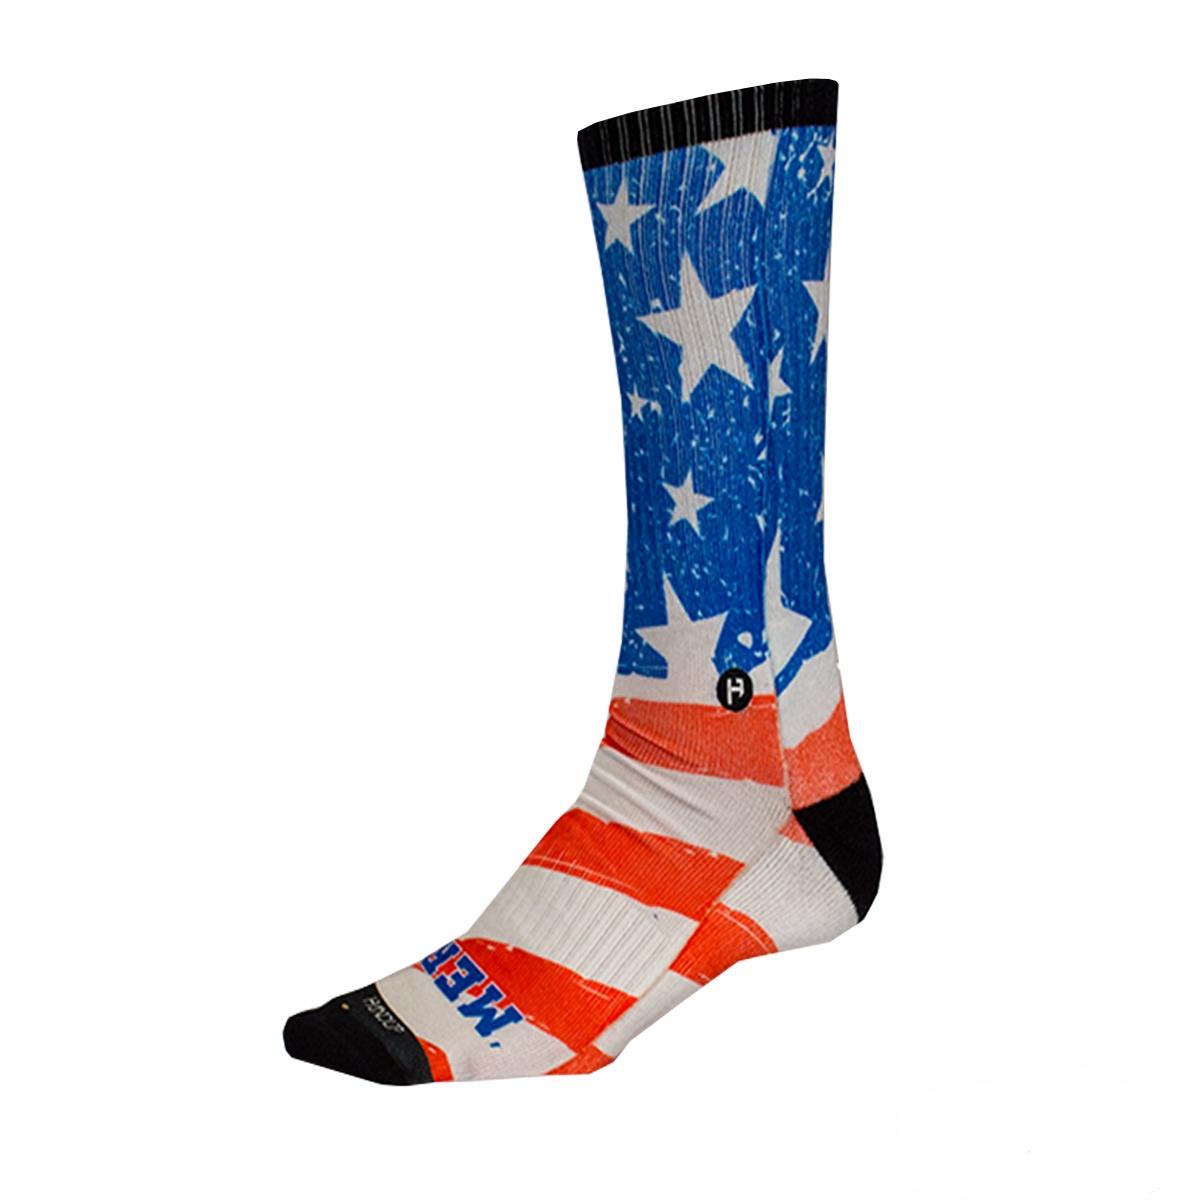 Foot Down Socks - The Merican  ON SALE - $5